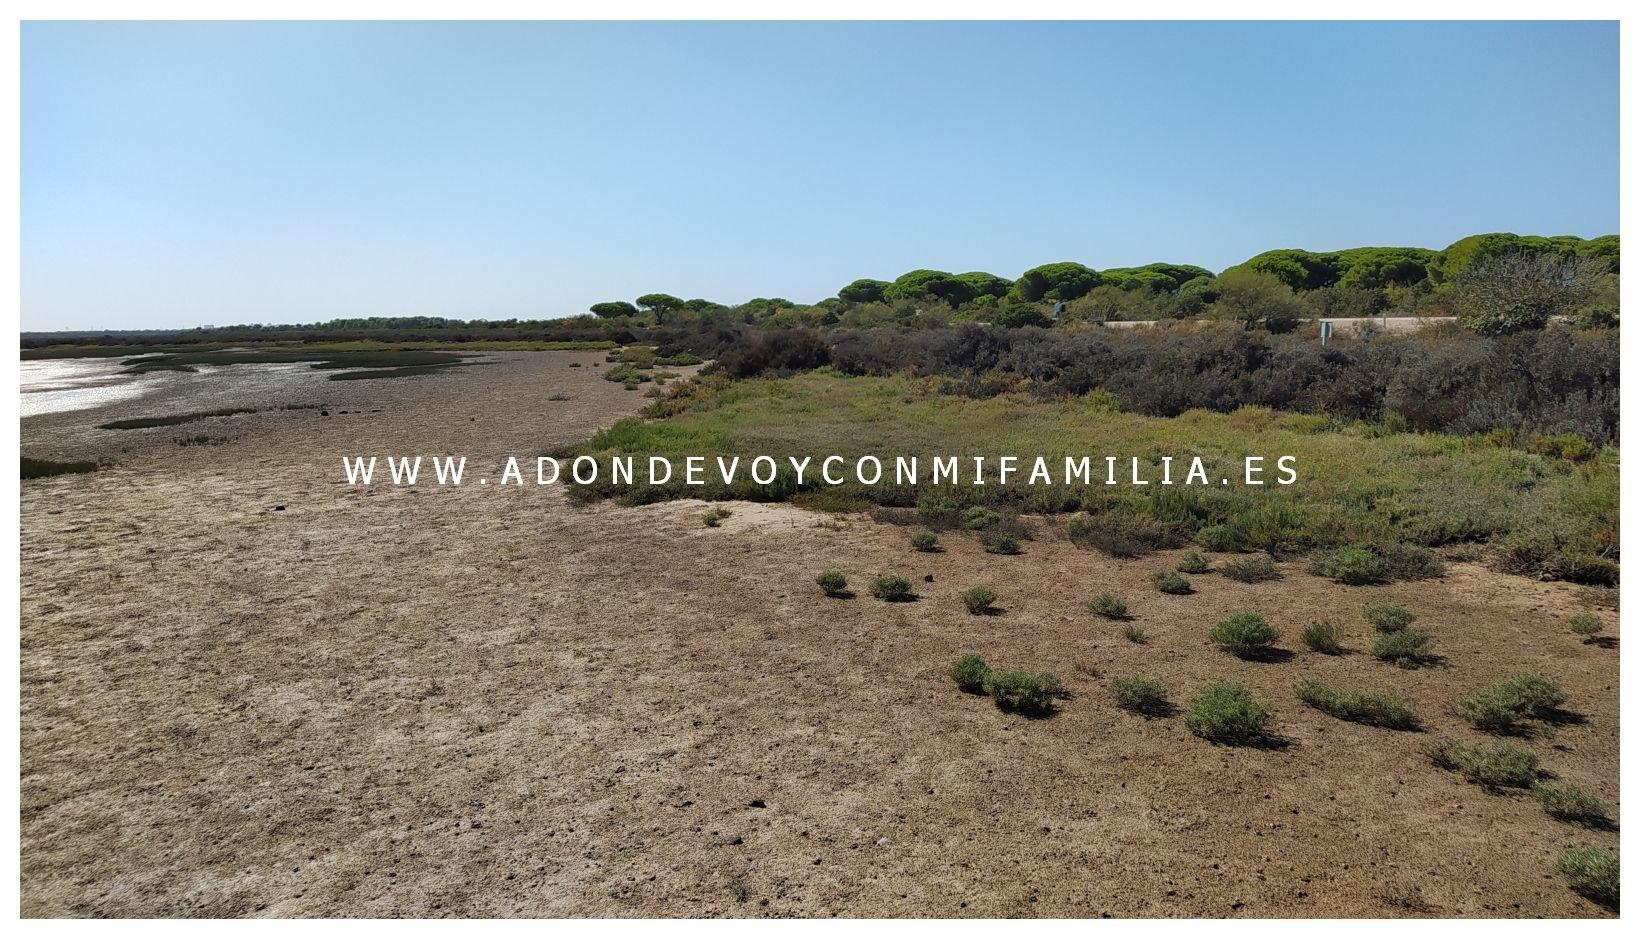 1_los-torunos-adondevoyconmifamilia-014